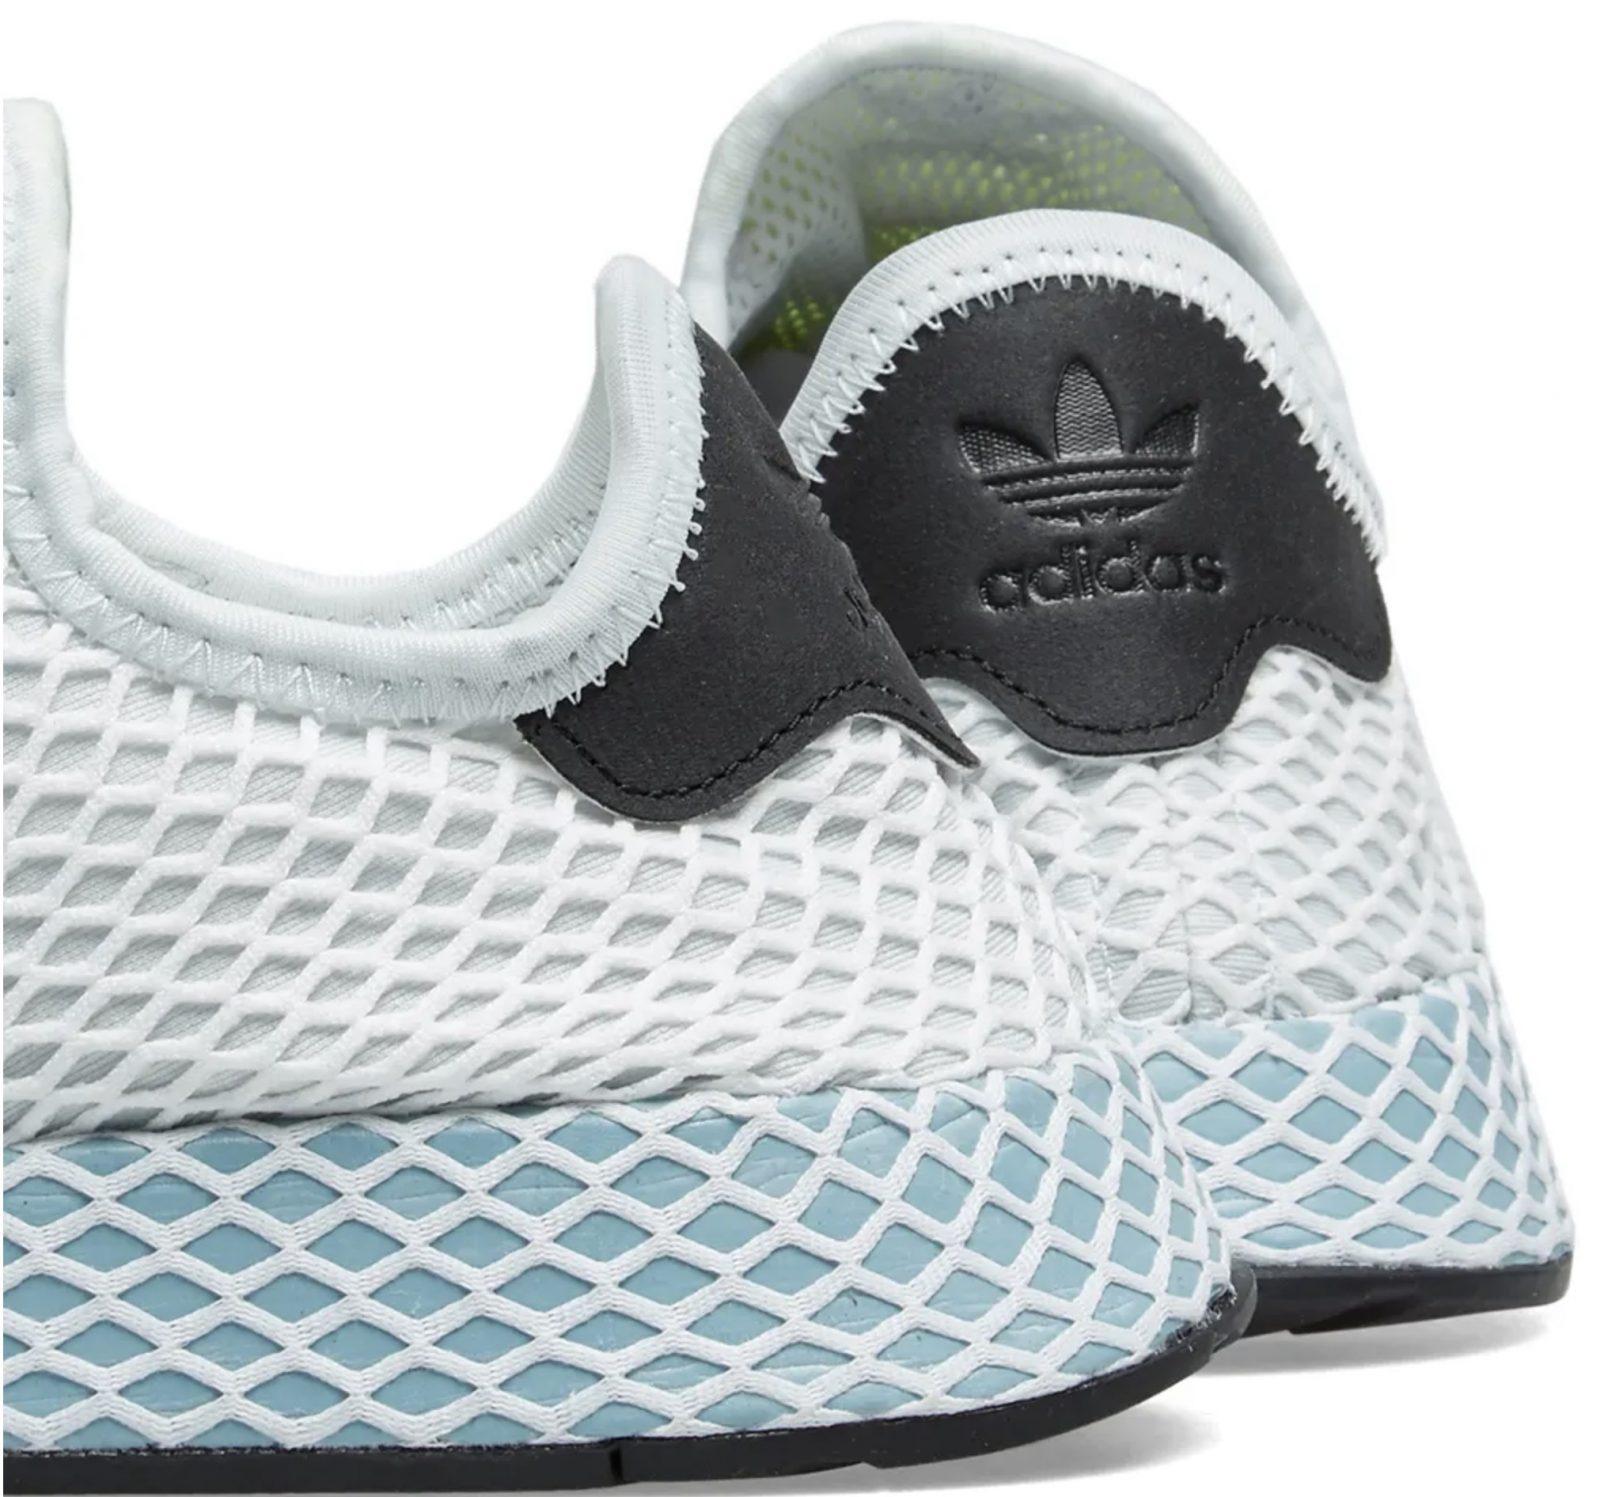 adidas Deerupt Runner Womens Blue Tint | CG6094